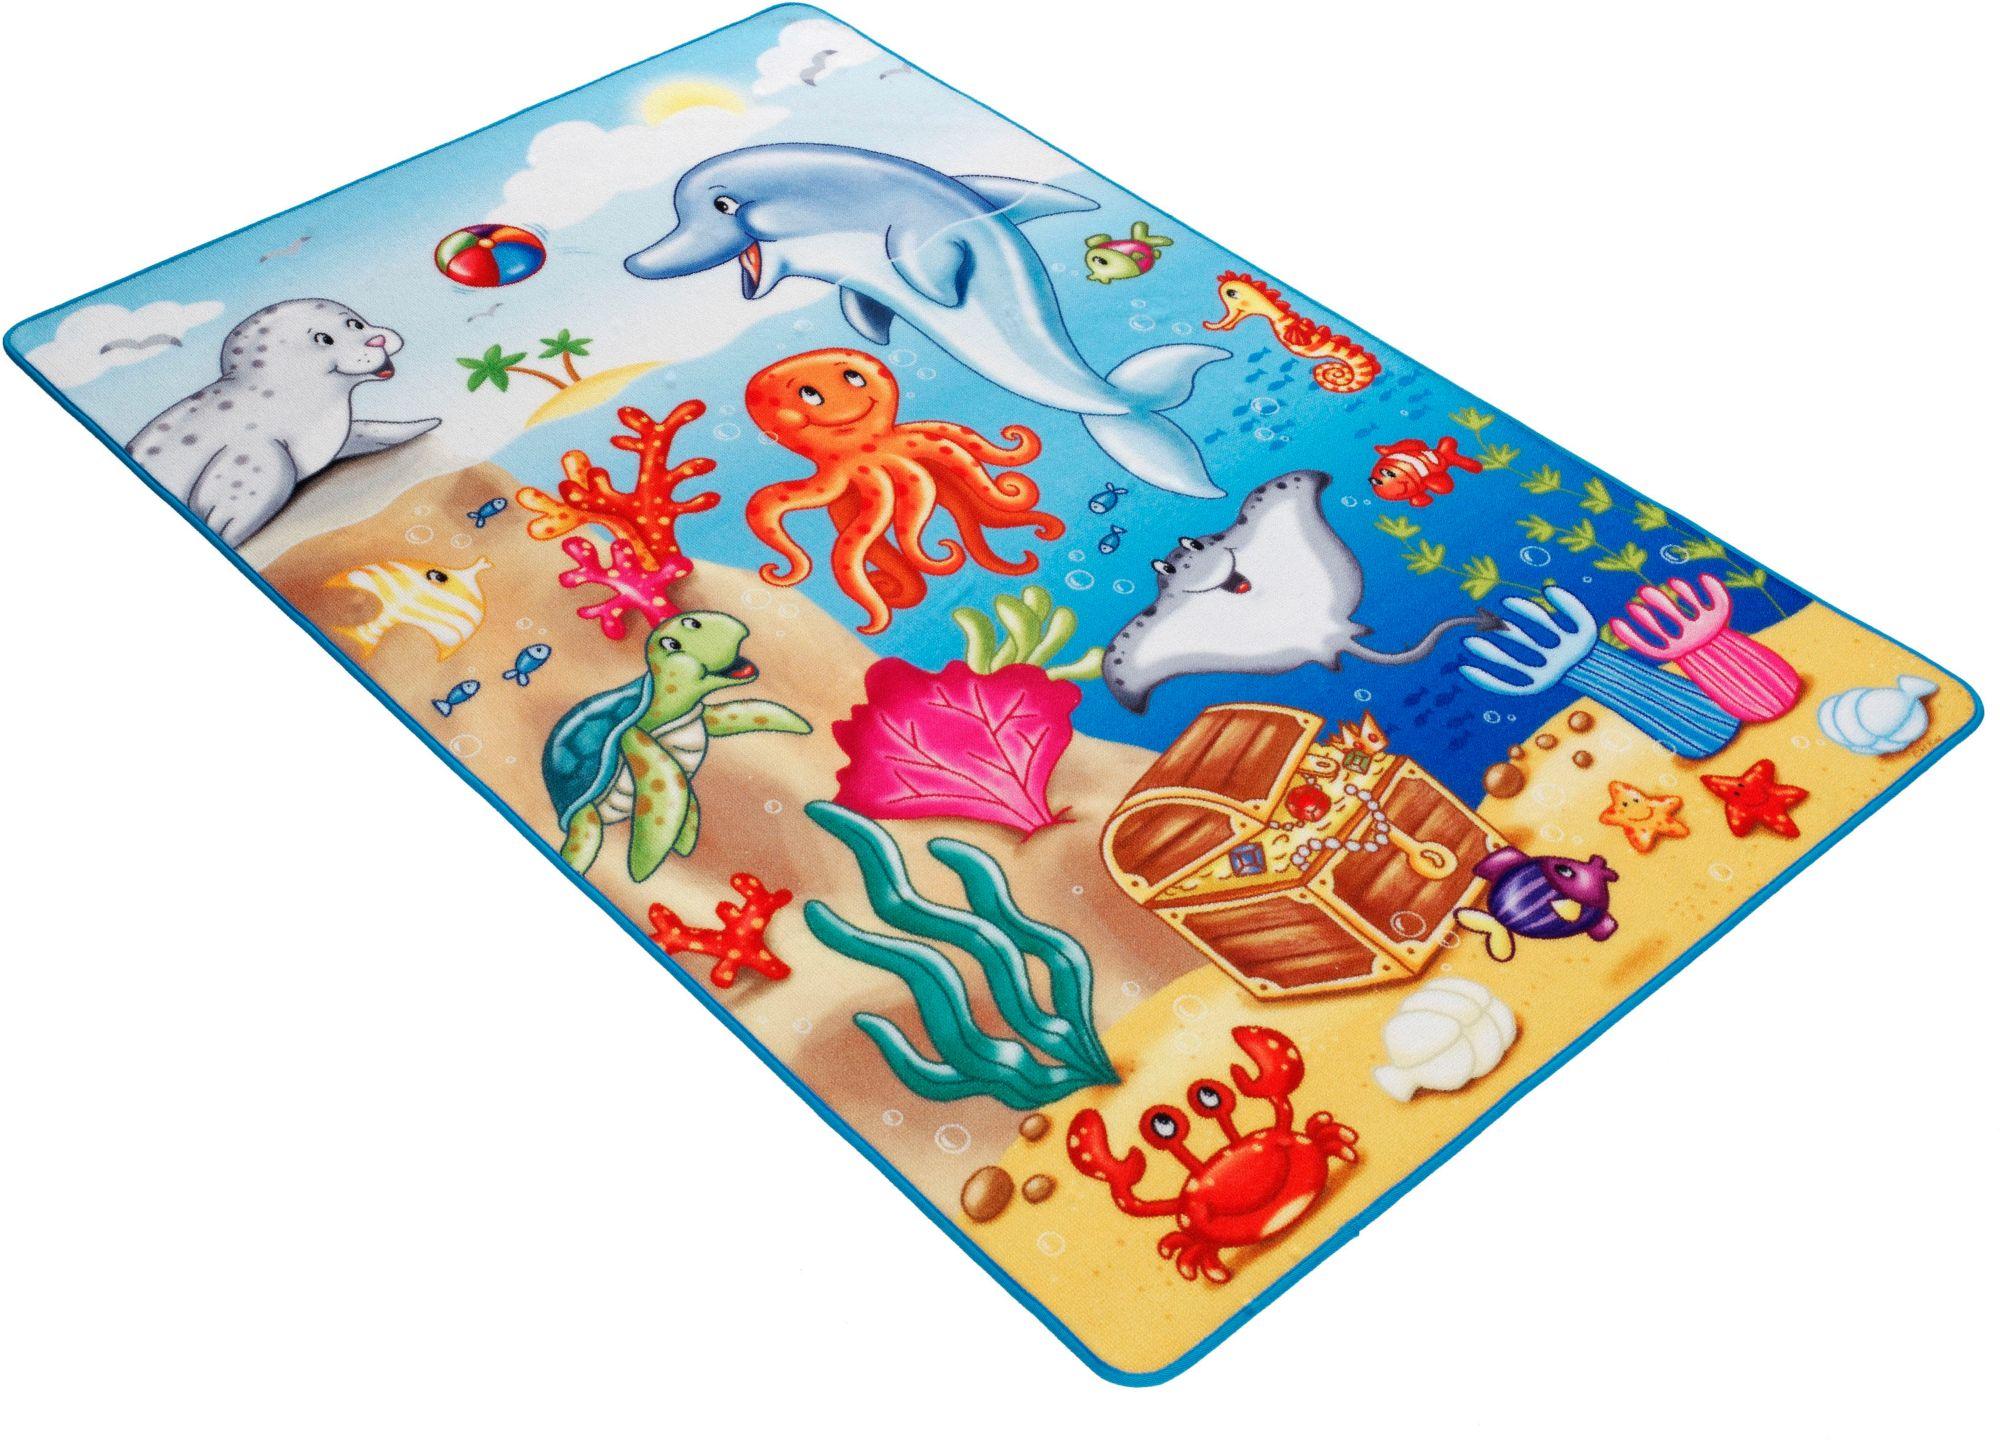 BÖING CARPET Kinder-Teppich, Böing Carpet, »Lovely Kids LK-7«